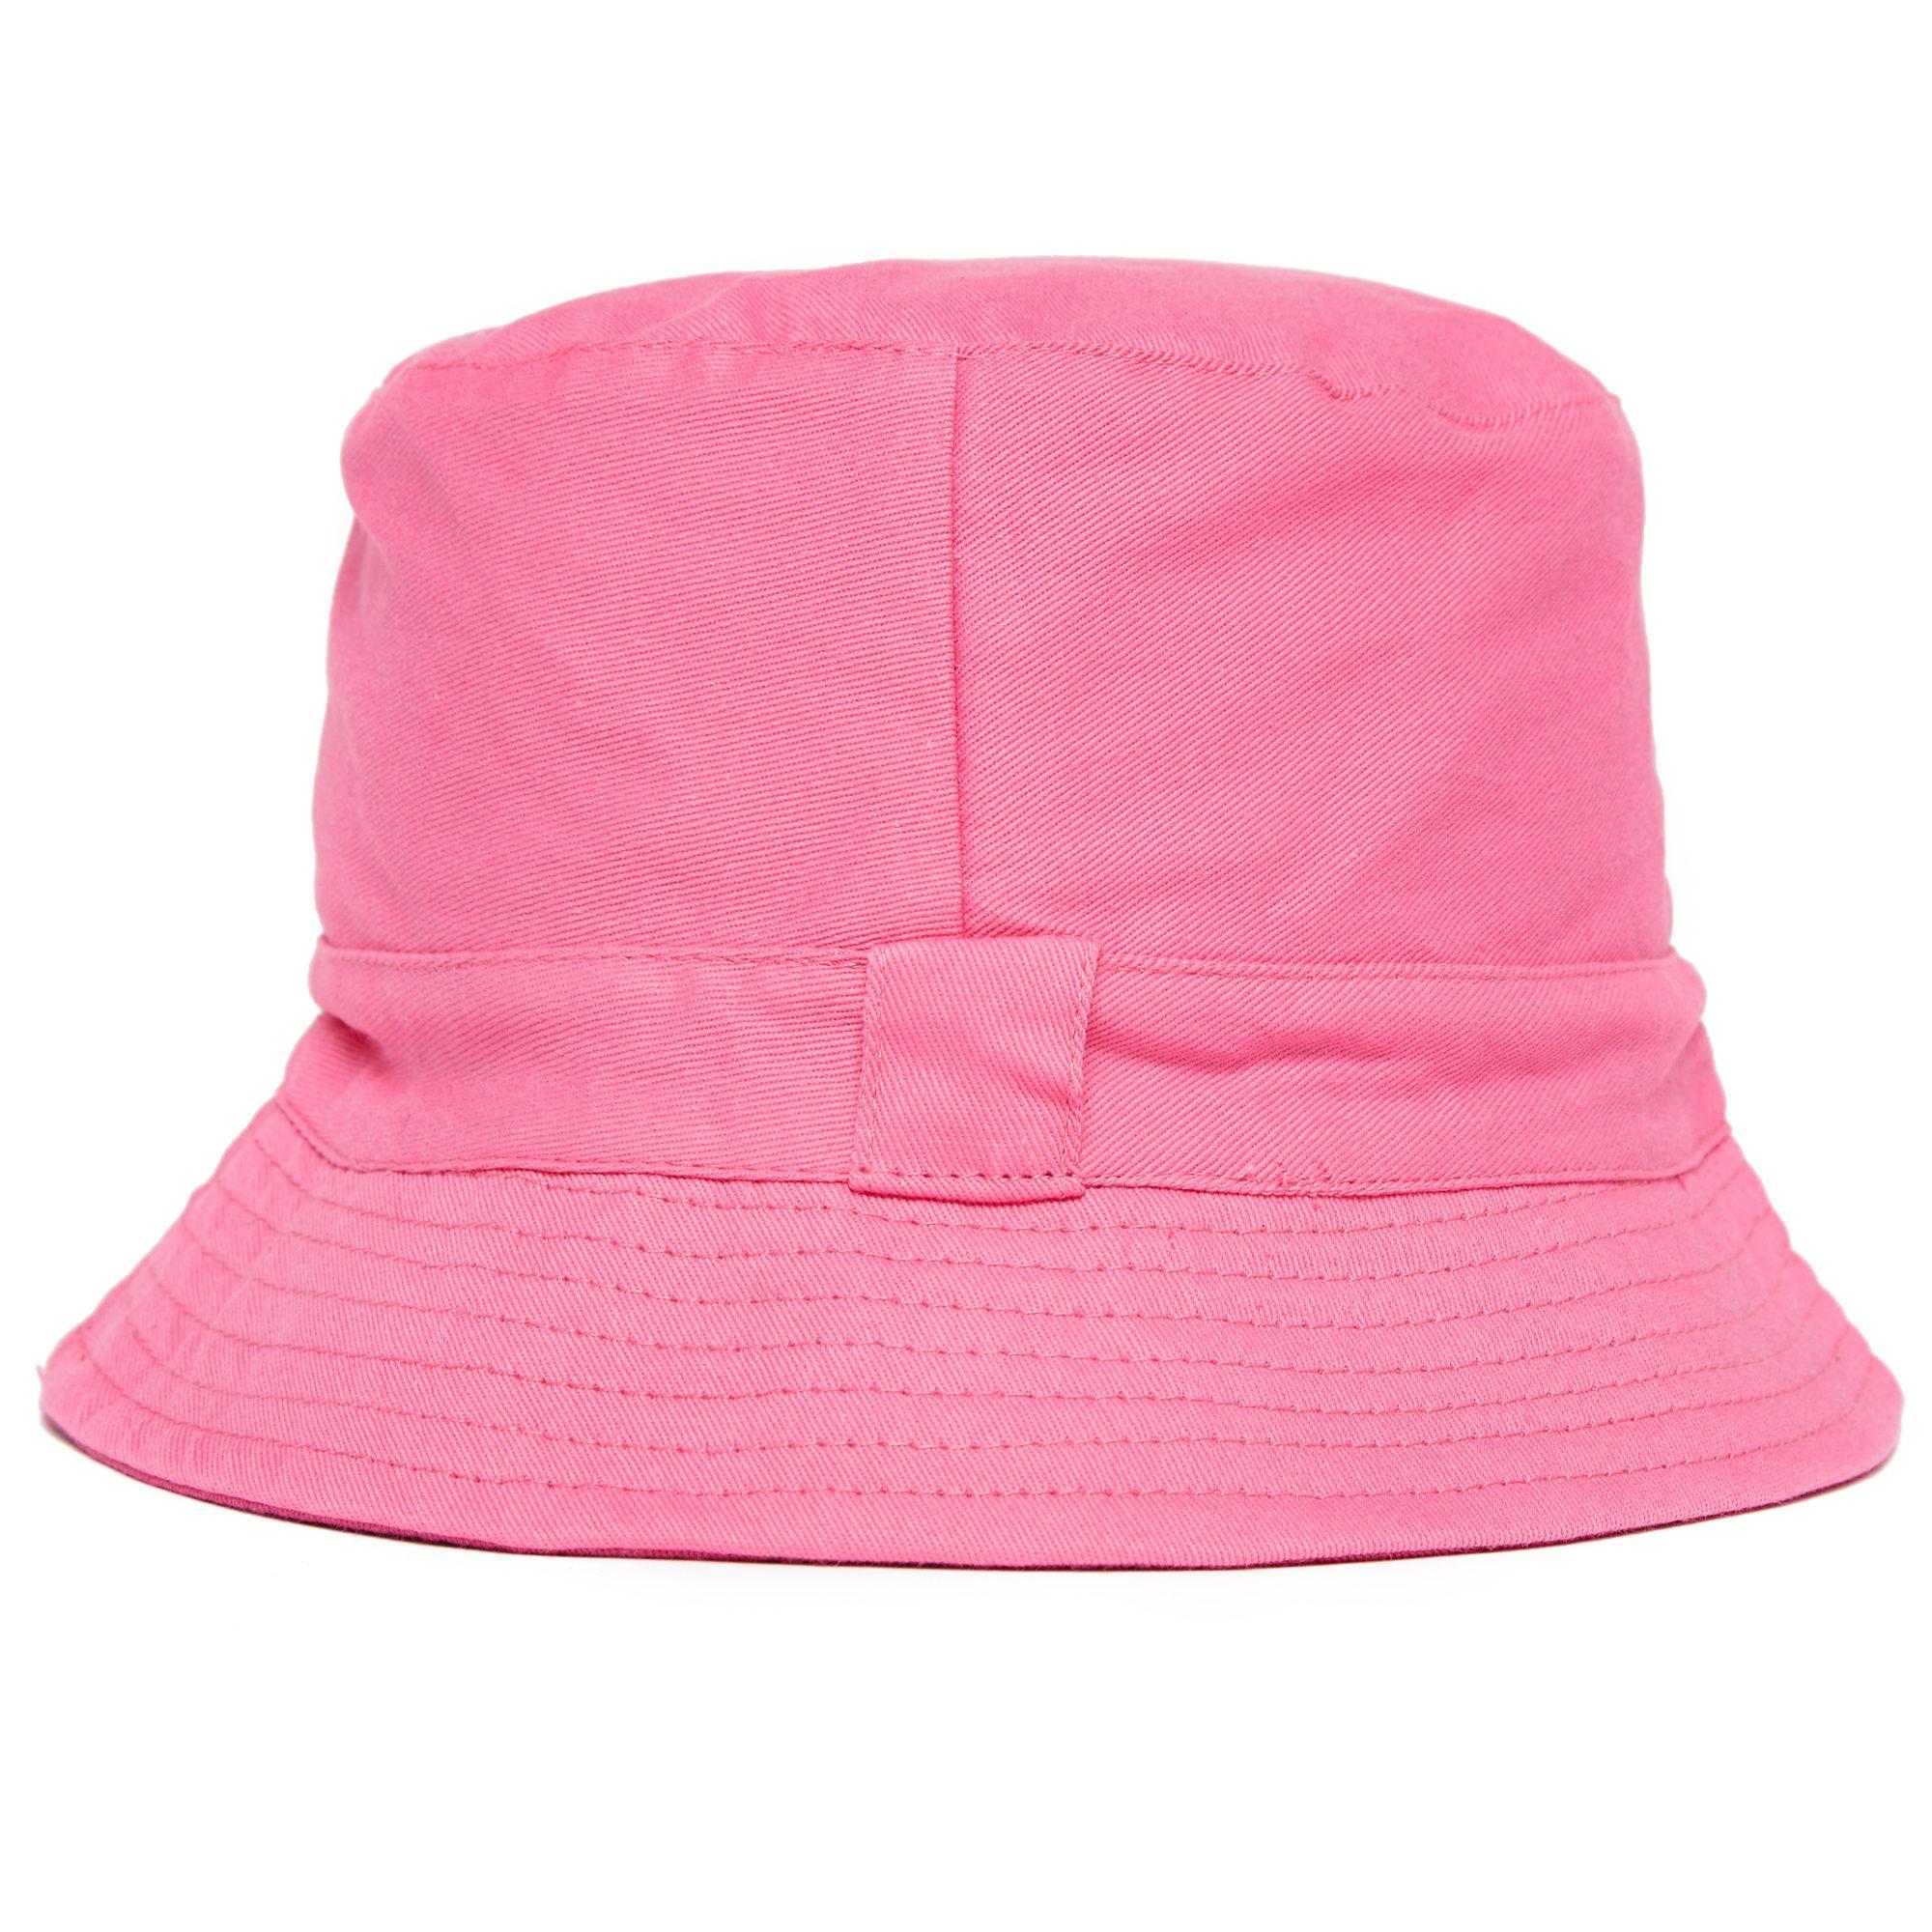 PETER STORM Girls' Reversible Bucket Hat